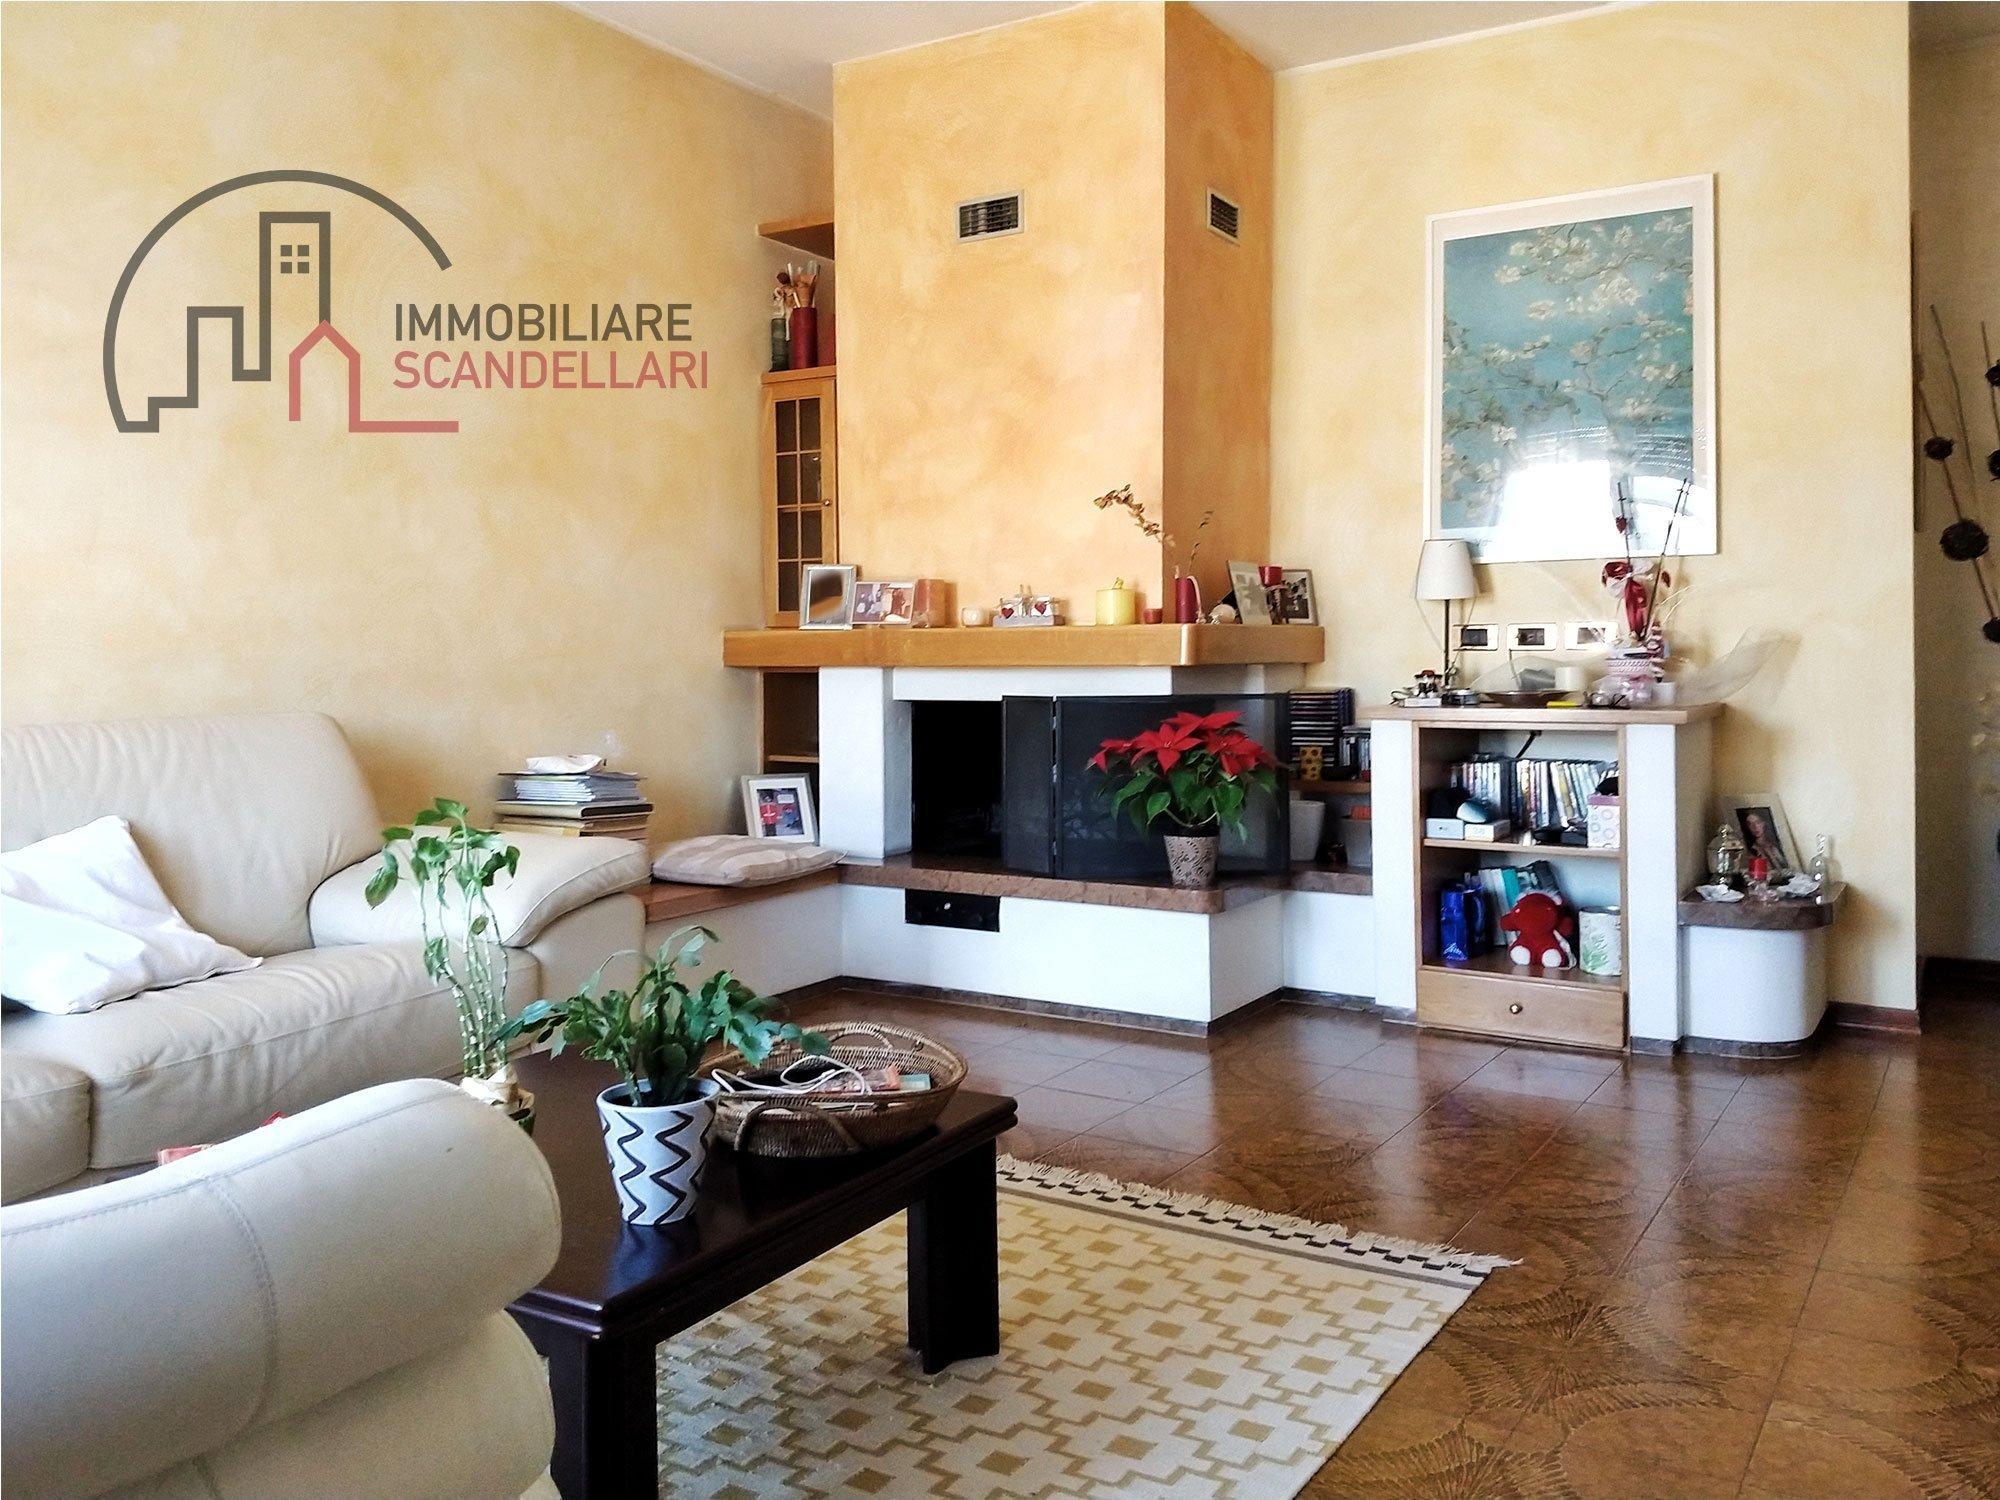 Rimini - Padulli - Appartamento tre camere due bagni - Immobiliare Scandellari